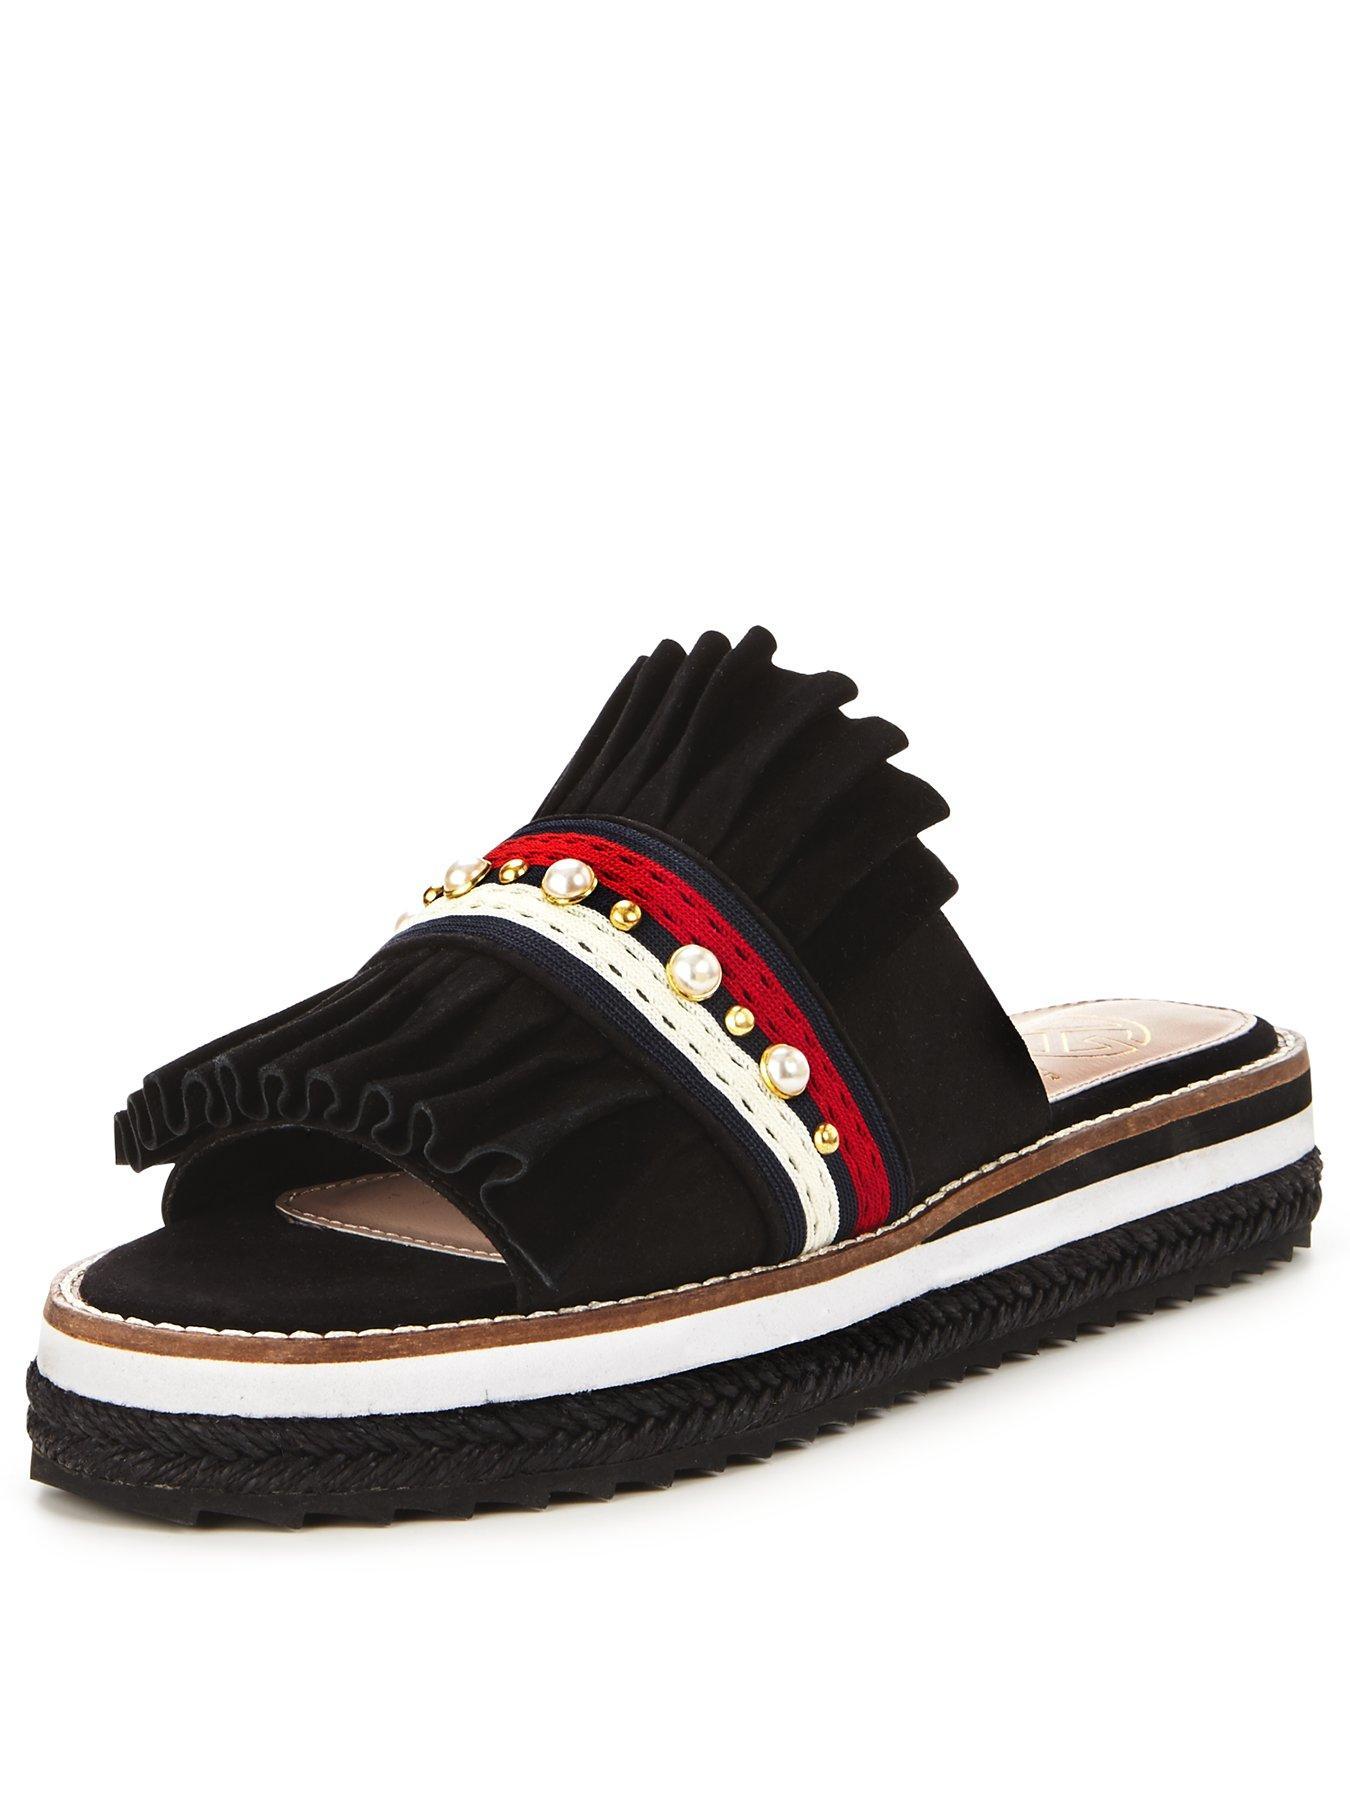 1e51ae2ab1d44 new arrivals nike closed toe sandals 518e9 82e6f